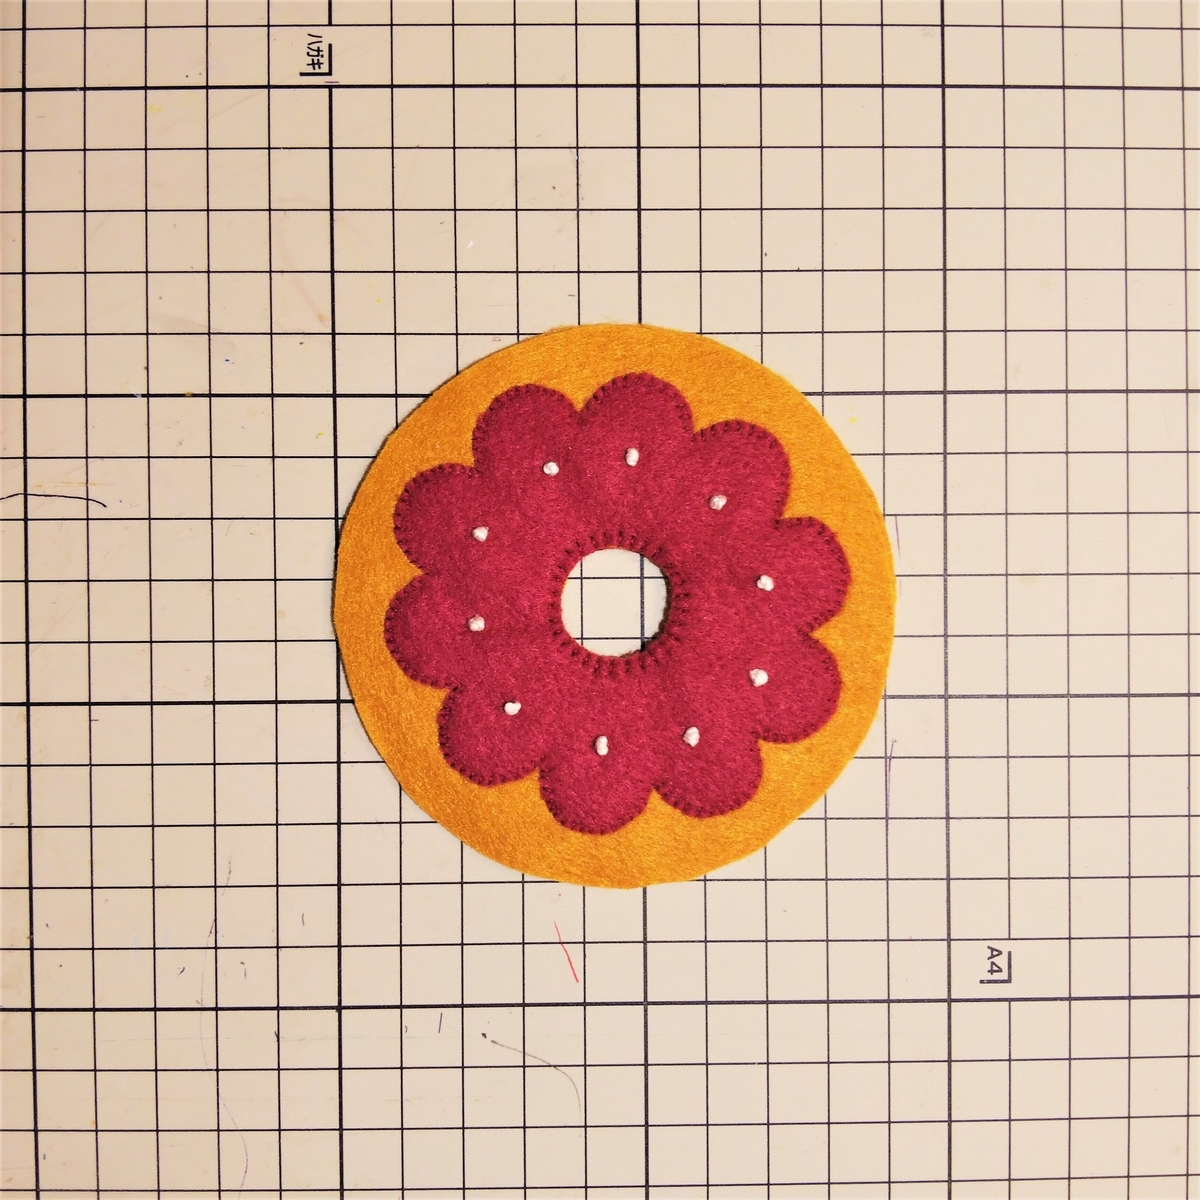 基本のドーナツの作り方⑩ 穴から縫い合わせる